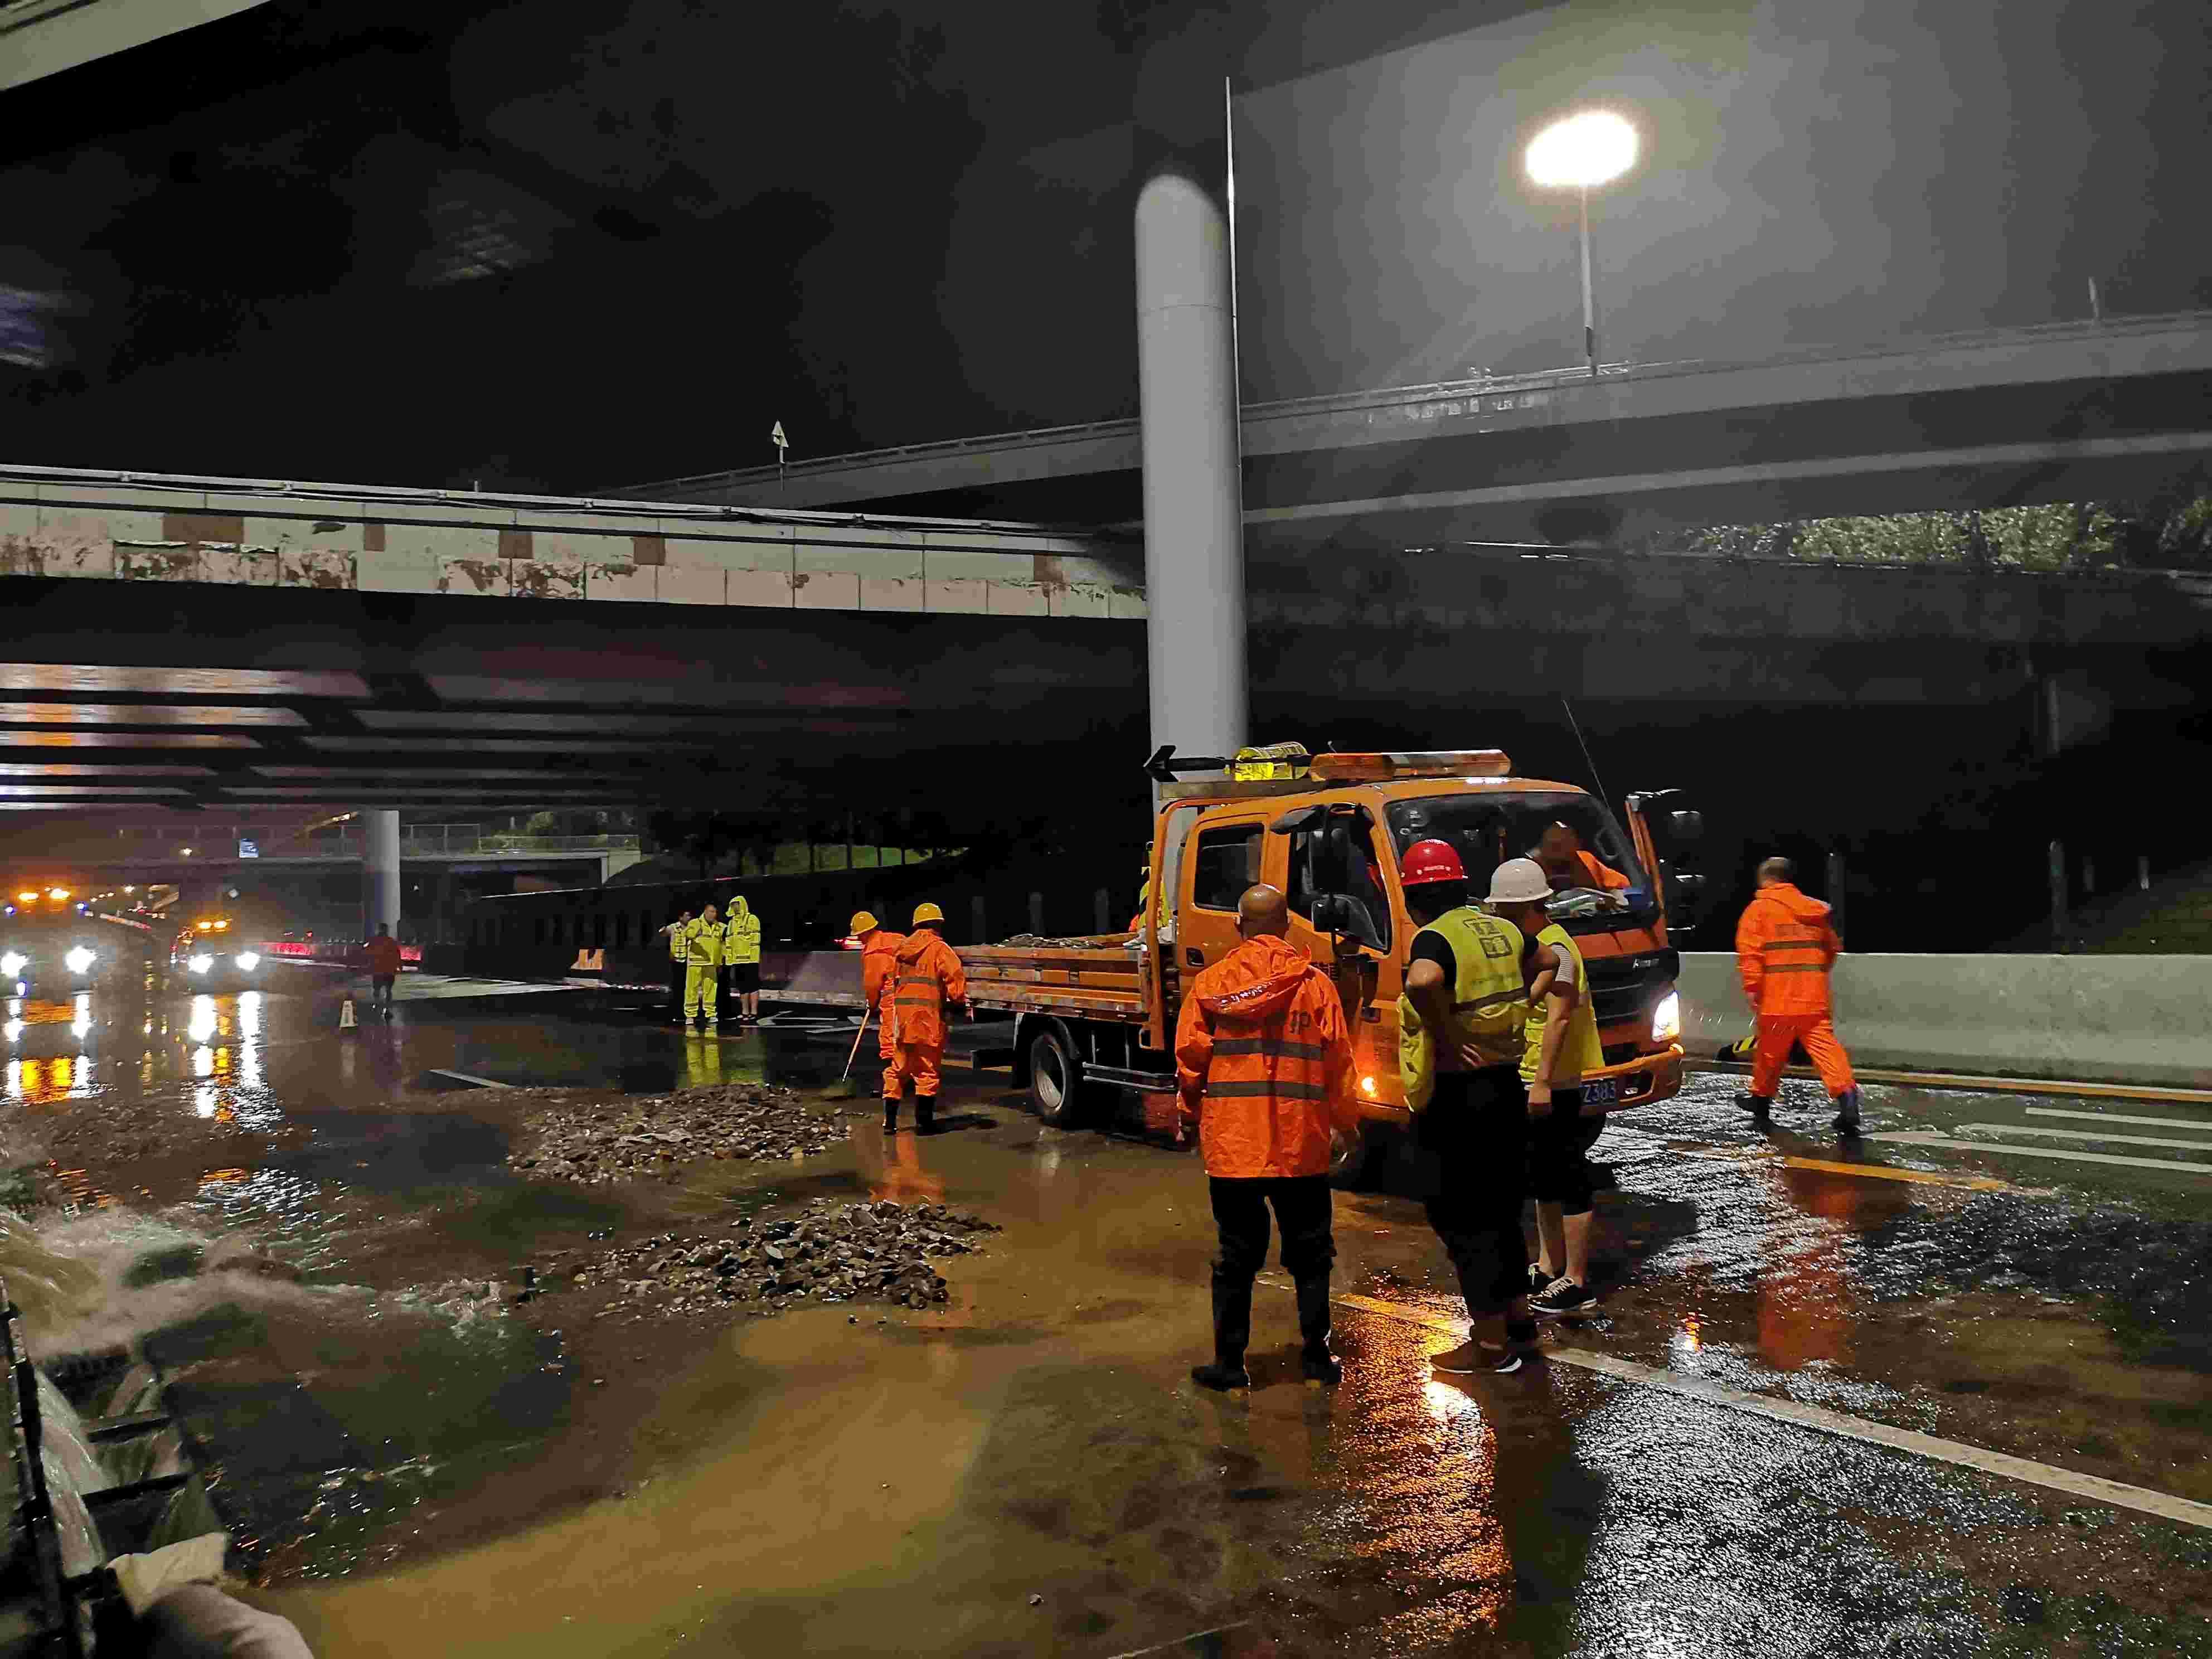 岳各庄桥排水管道渗水致部分道路封路,外卖员小跑过积水区